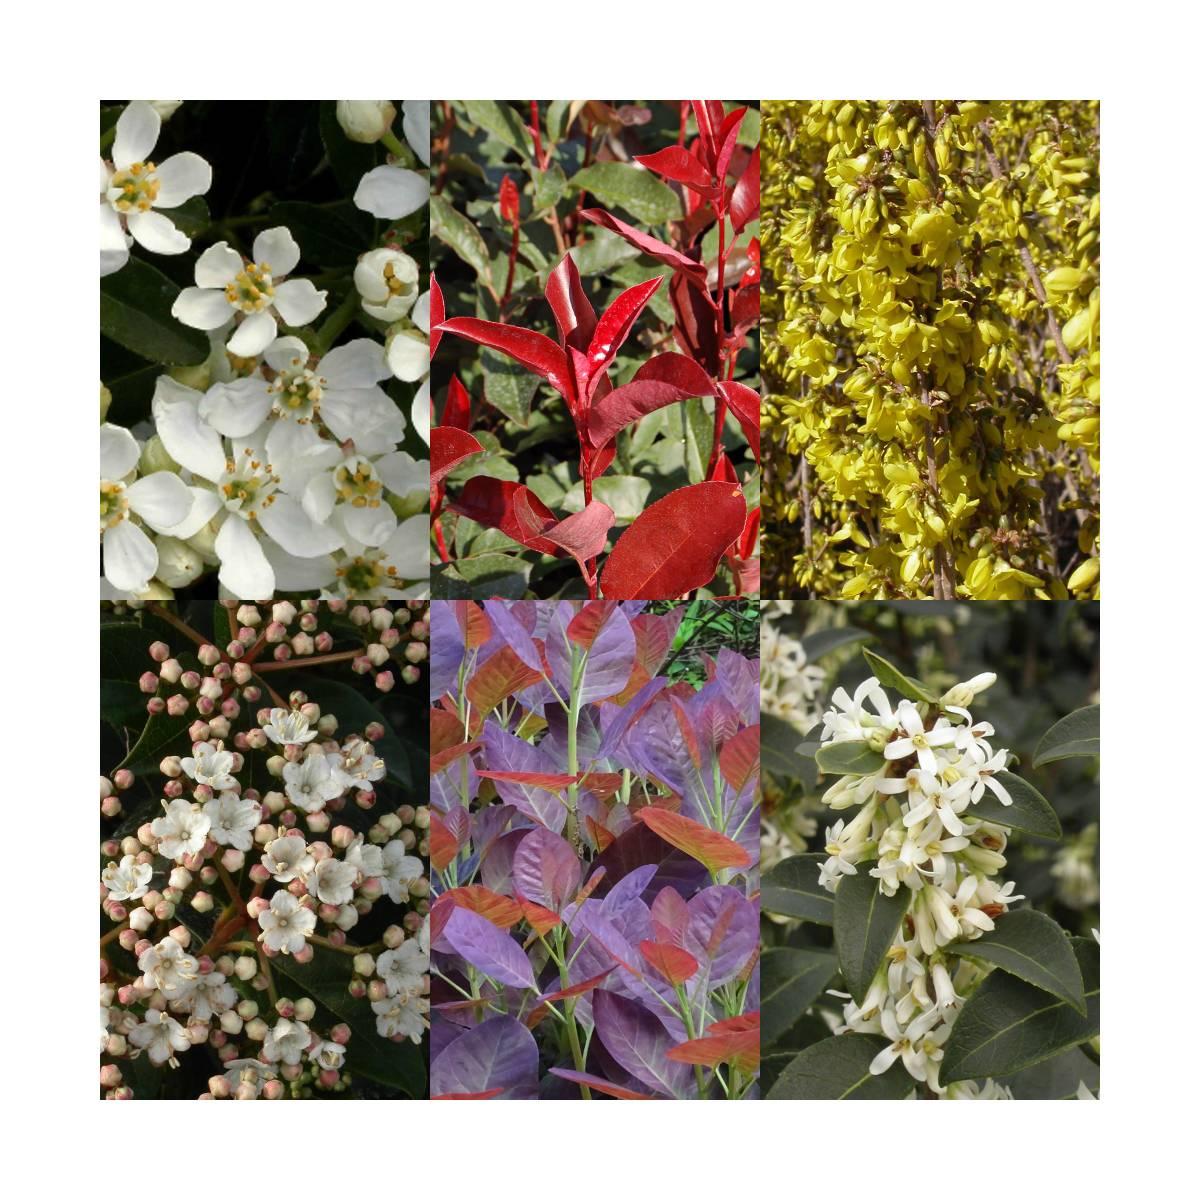 10 Mètres De Haie Fleurie - Kits Prêts À Planter - Achat Direct Au  Producteur serapportantà Jardin En Kit Pret A Planter